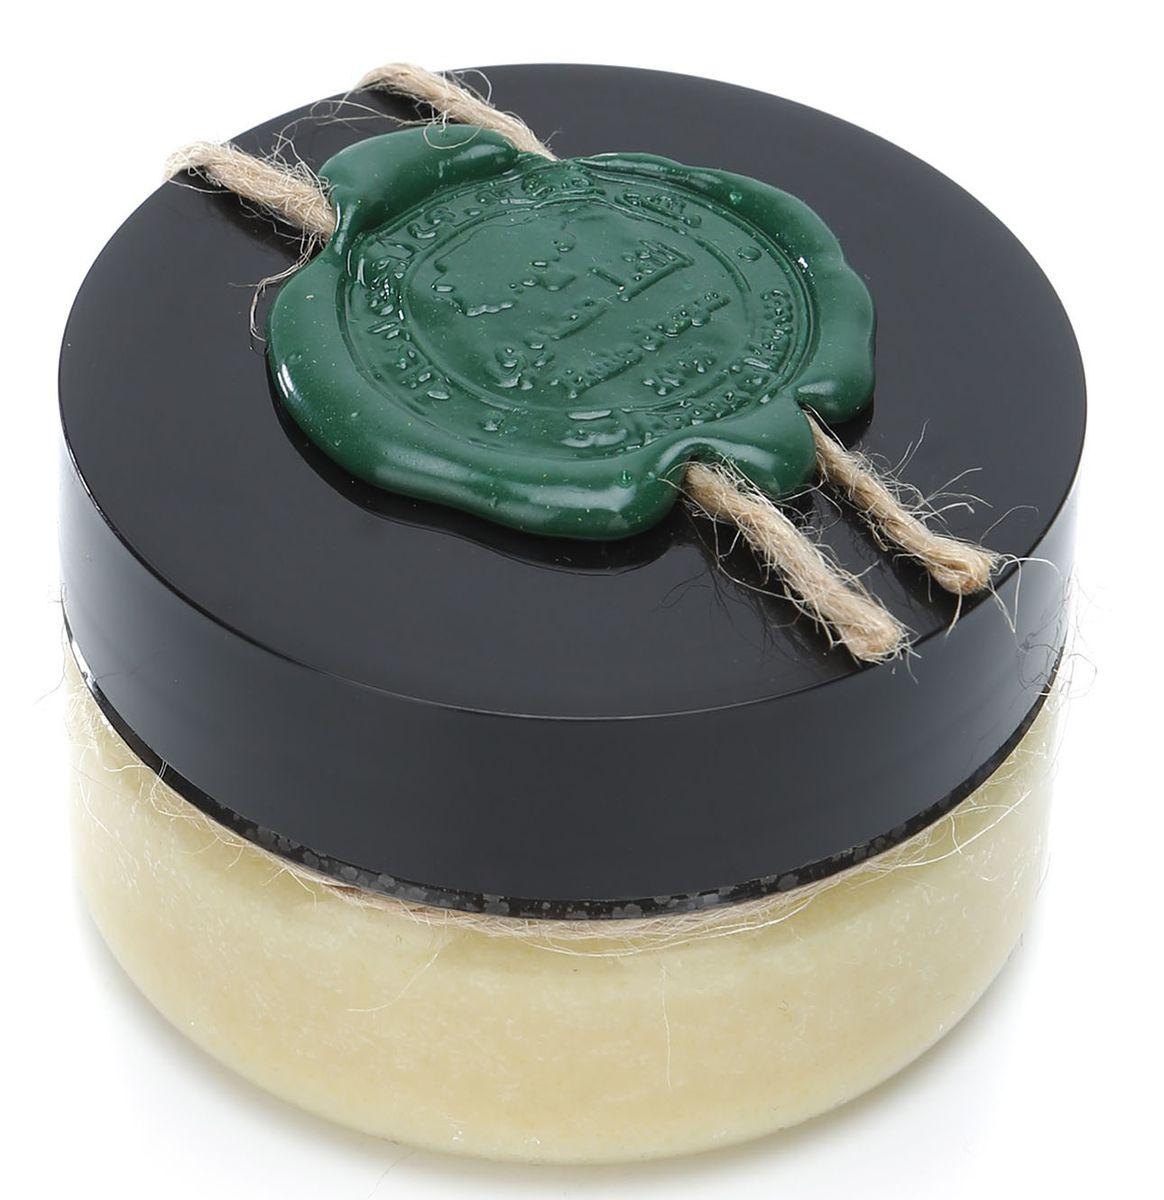 Huilargan Какао масло, 100% органическое, 50 гFS-00103Какао-масло - это базовое масло, получаемый из зерен плодов шоколадного дерева. Это сбалансированный натуральный продукт, оказывающий лечебное действие на весь организм. Его главная отличительная черта заключается в содержании антиоксидантных веществ, способных стимулировать иммунную систему. Большая концентрация олеиновой кислоты позволяет восстанавливать утраченные функции стенок сосудов, повышает их эластичность, уменьшает количество холестерина и полностью очищает кровь, а также нормализует барьерные функции эпидермиса кожи. Масло какао содержит пальминтовую кислоту, что позволяет ему проявлять липофильные свойства, усиливать глубокое проникновение полезных веществ. Токоферолы натуральный витамин F, обладают свойствами увлажнения, повышают выработку коллагена.МАСЛО КАКАО ПРИМЕНЕНИЕОно способно сокращать трансэпидермальную потерю влаги (ТЭПВ), покрывать кожу защитной водонепроницаемой плёнкой и удерживать влагу в эпидермисе, поэтому особенно полезно его применять при сухой, обветренной, дряблой и стареющей коже.- Оно входит в состав косметических средств для ухода за кожей лица и шеи, декольте, губами, руками.- Масло какао способно регенерировать клетки кожи.- Масло какао обладает защитными свойствами, поэтому может применяться для защиты кожи во время низких температур зимой.- Масло какао обладает высоким смягчающим действием, а также является лубрикантом, усиливая скользящий эффект масел при нанесении их на кожу.- Масло какао, за счет содержания кофеина, применяется для профилактики растяжек кожи и повышения ее упругости.- Масло какао способно усиливать выработку загара, поэтому его можно добавлять в лосьоны для загара